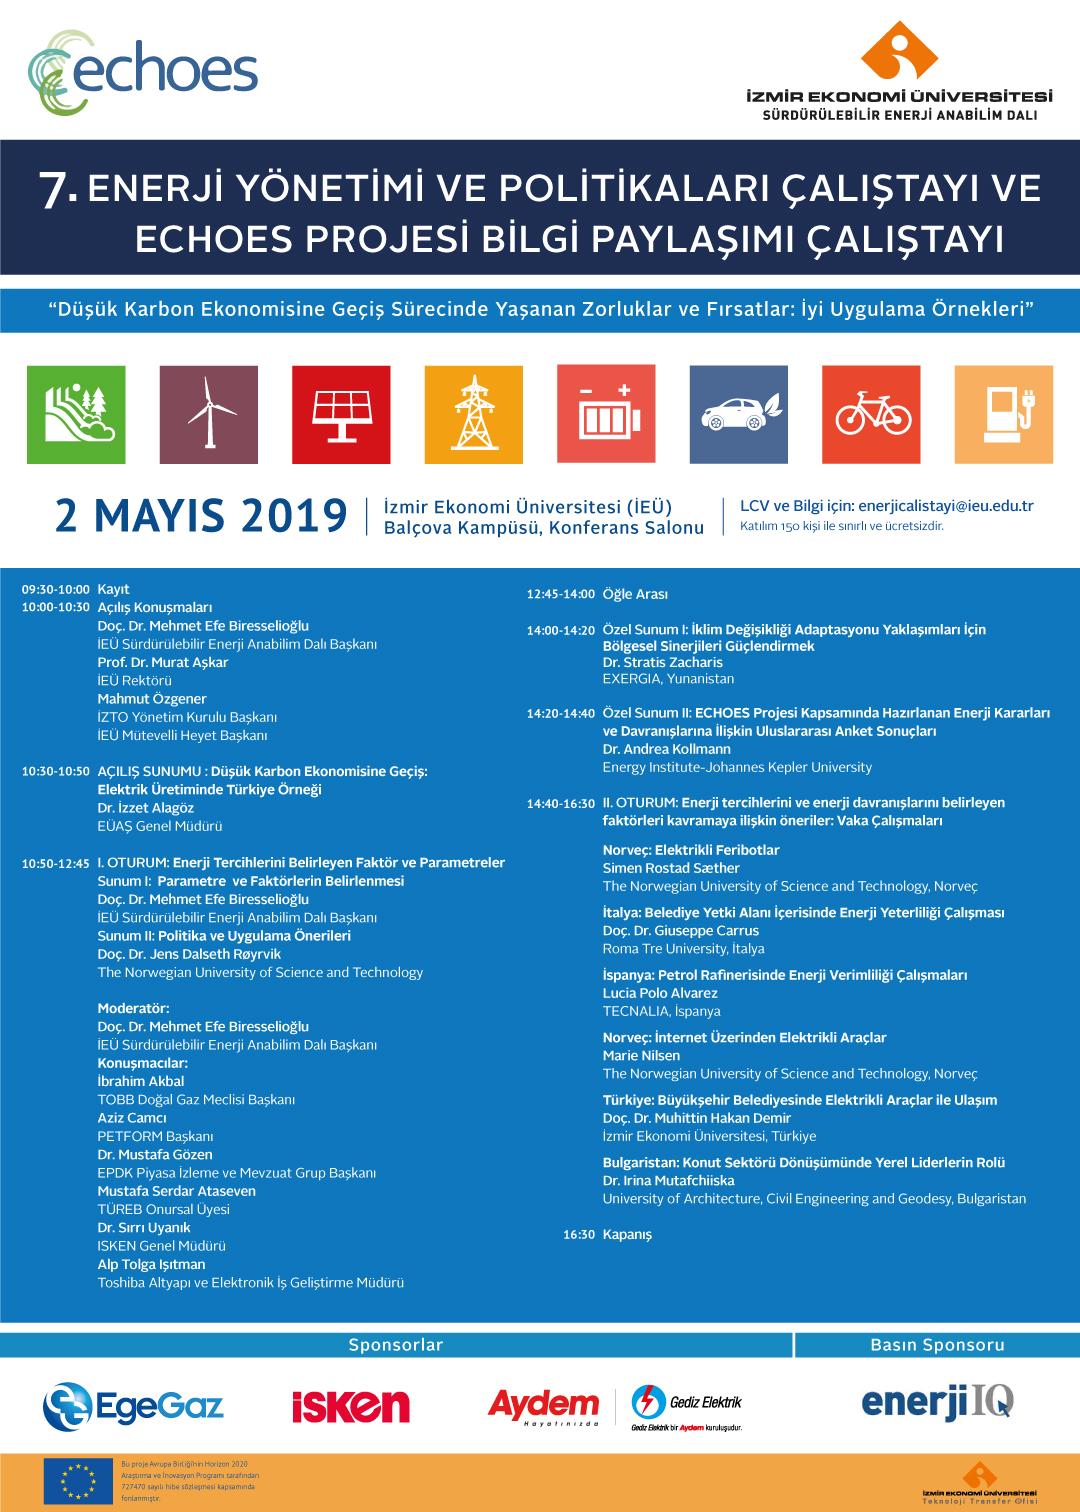 7. Enerji Yönetimi ve Politikaları Çalıştayı